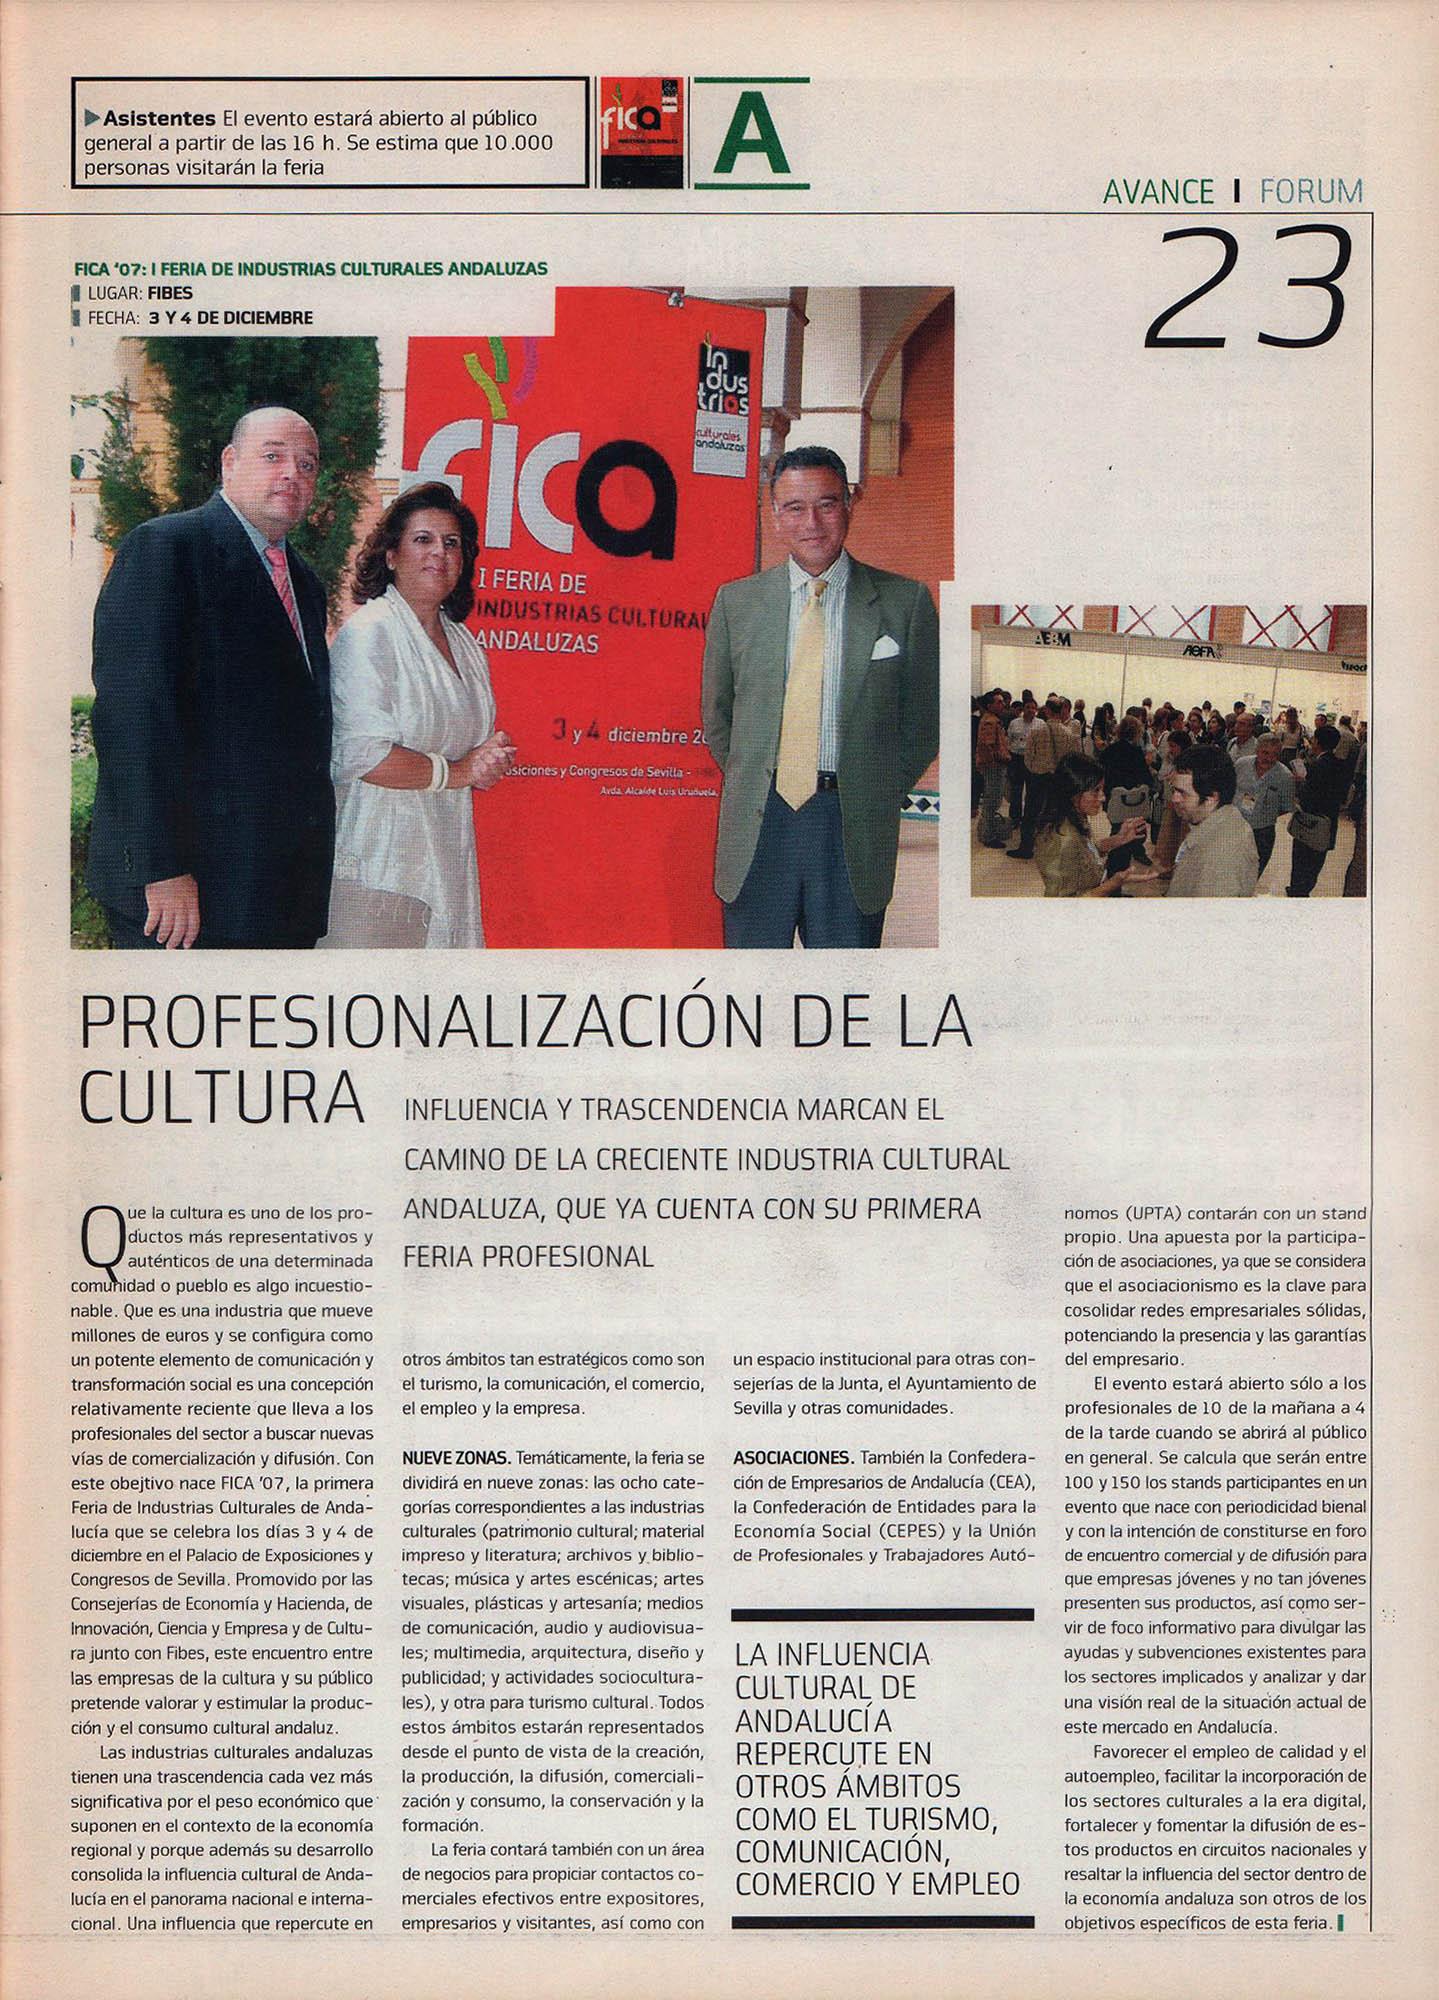 Profesionalización de la cultura - Feria de Industrias Culturales | Fórum - ABc de Sevilla | nov 2007